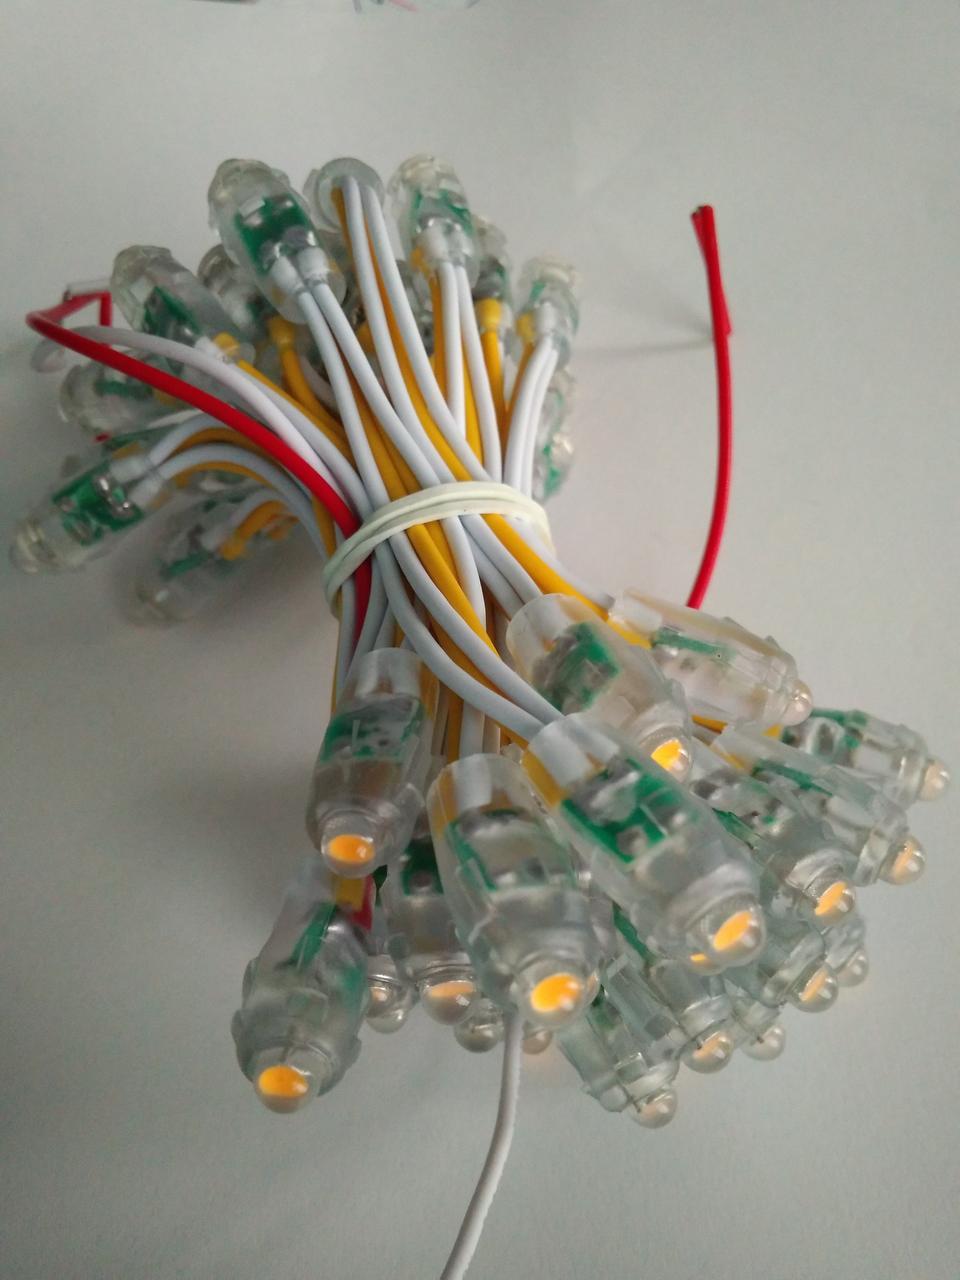 Светодиоды быстрого монтажа 9мм, светодиоды пиксели 12 вольт для рекламы желтый